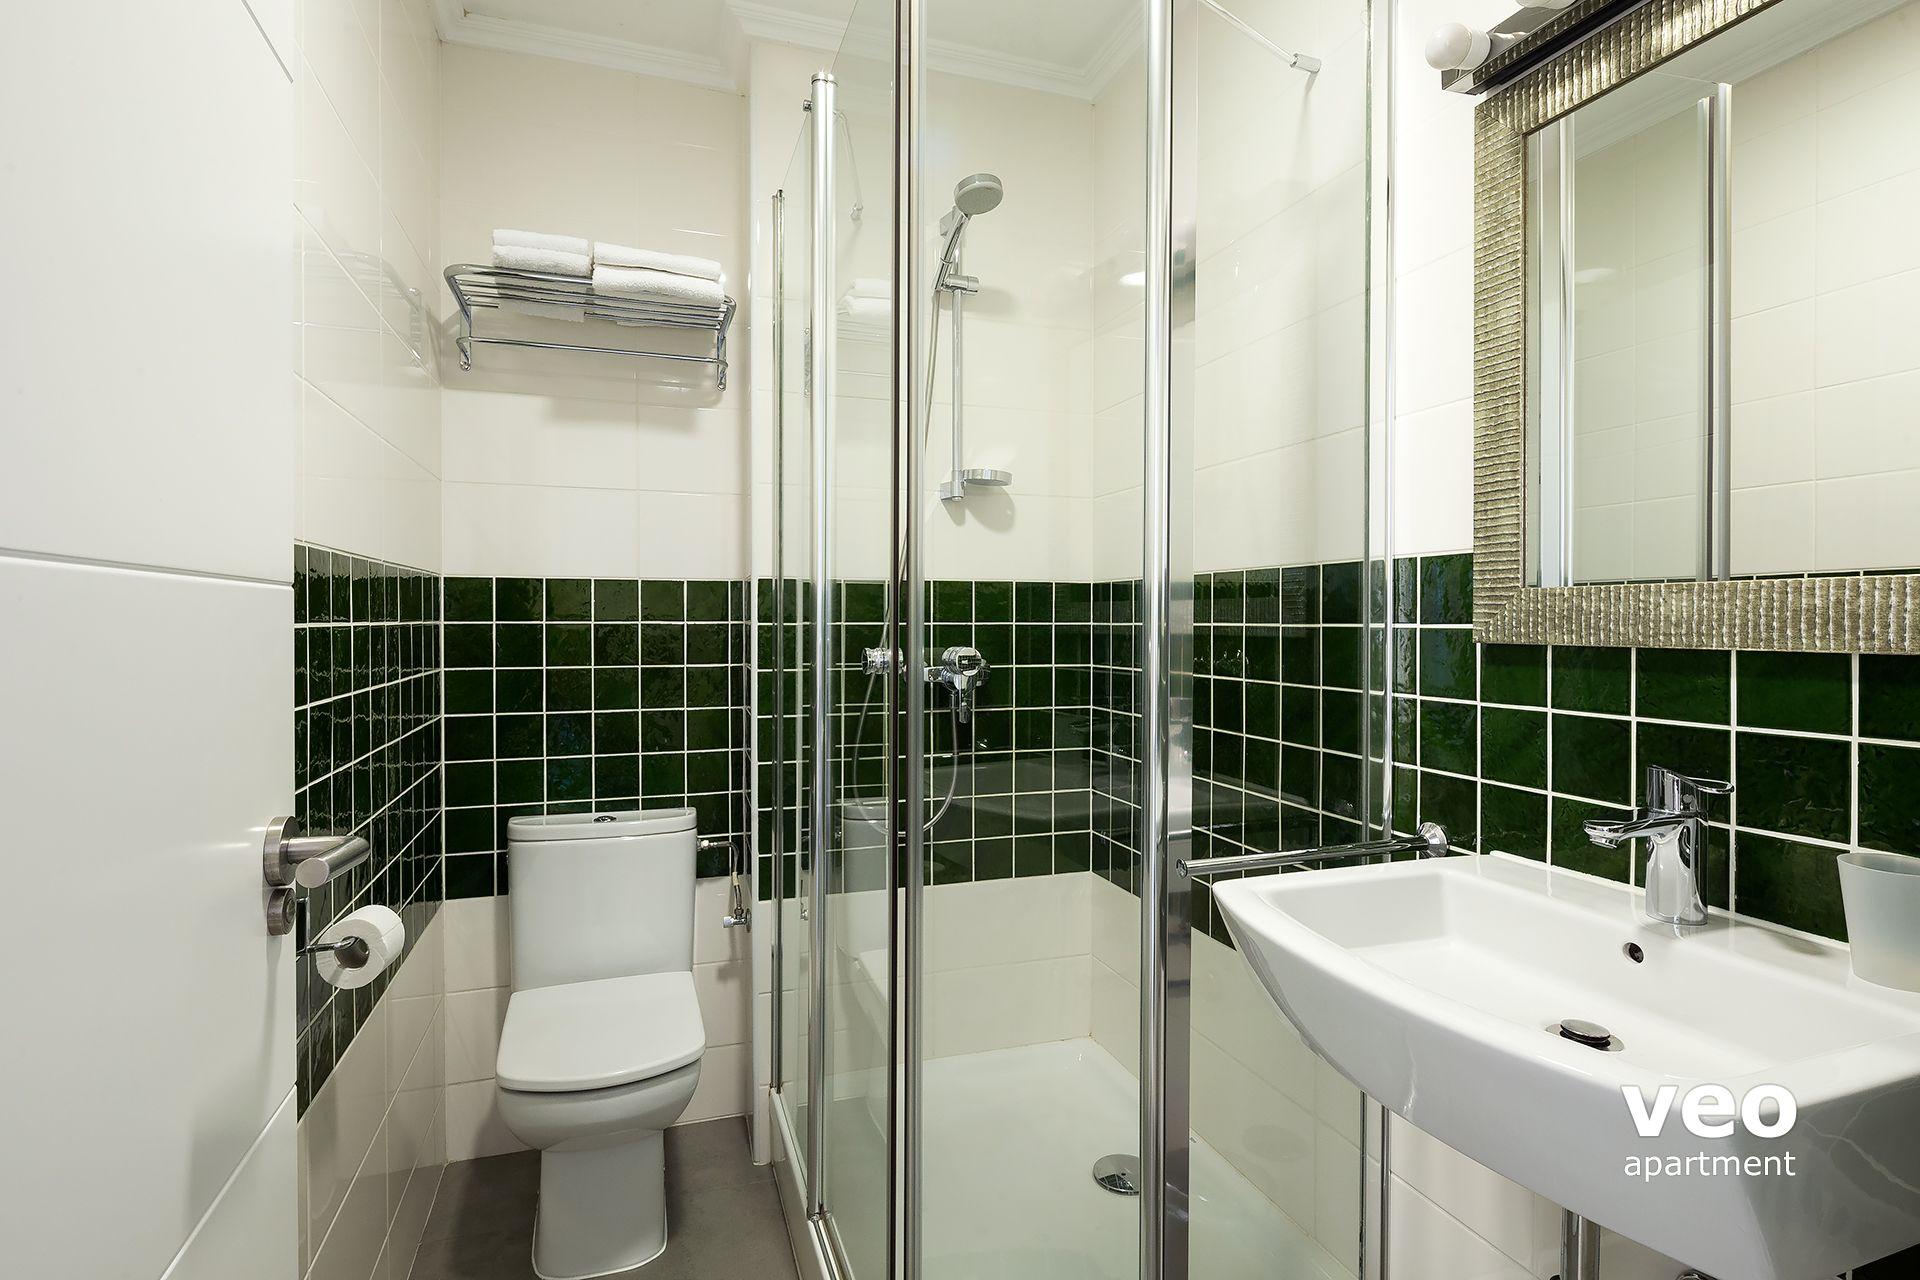 Sevilla apartmento calle feria sevilla espa a feria 2a for Alquiler de apartamentos en sevilla espana